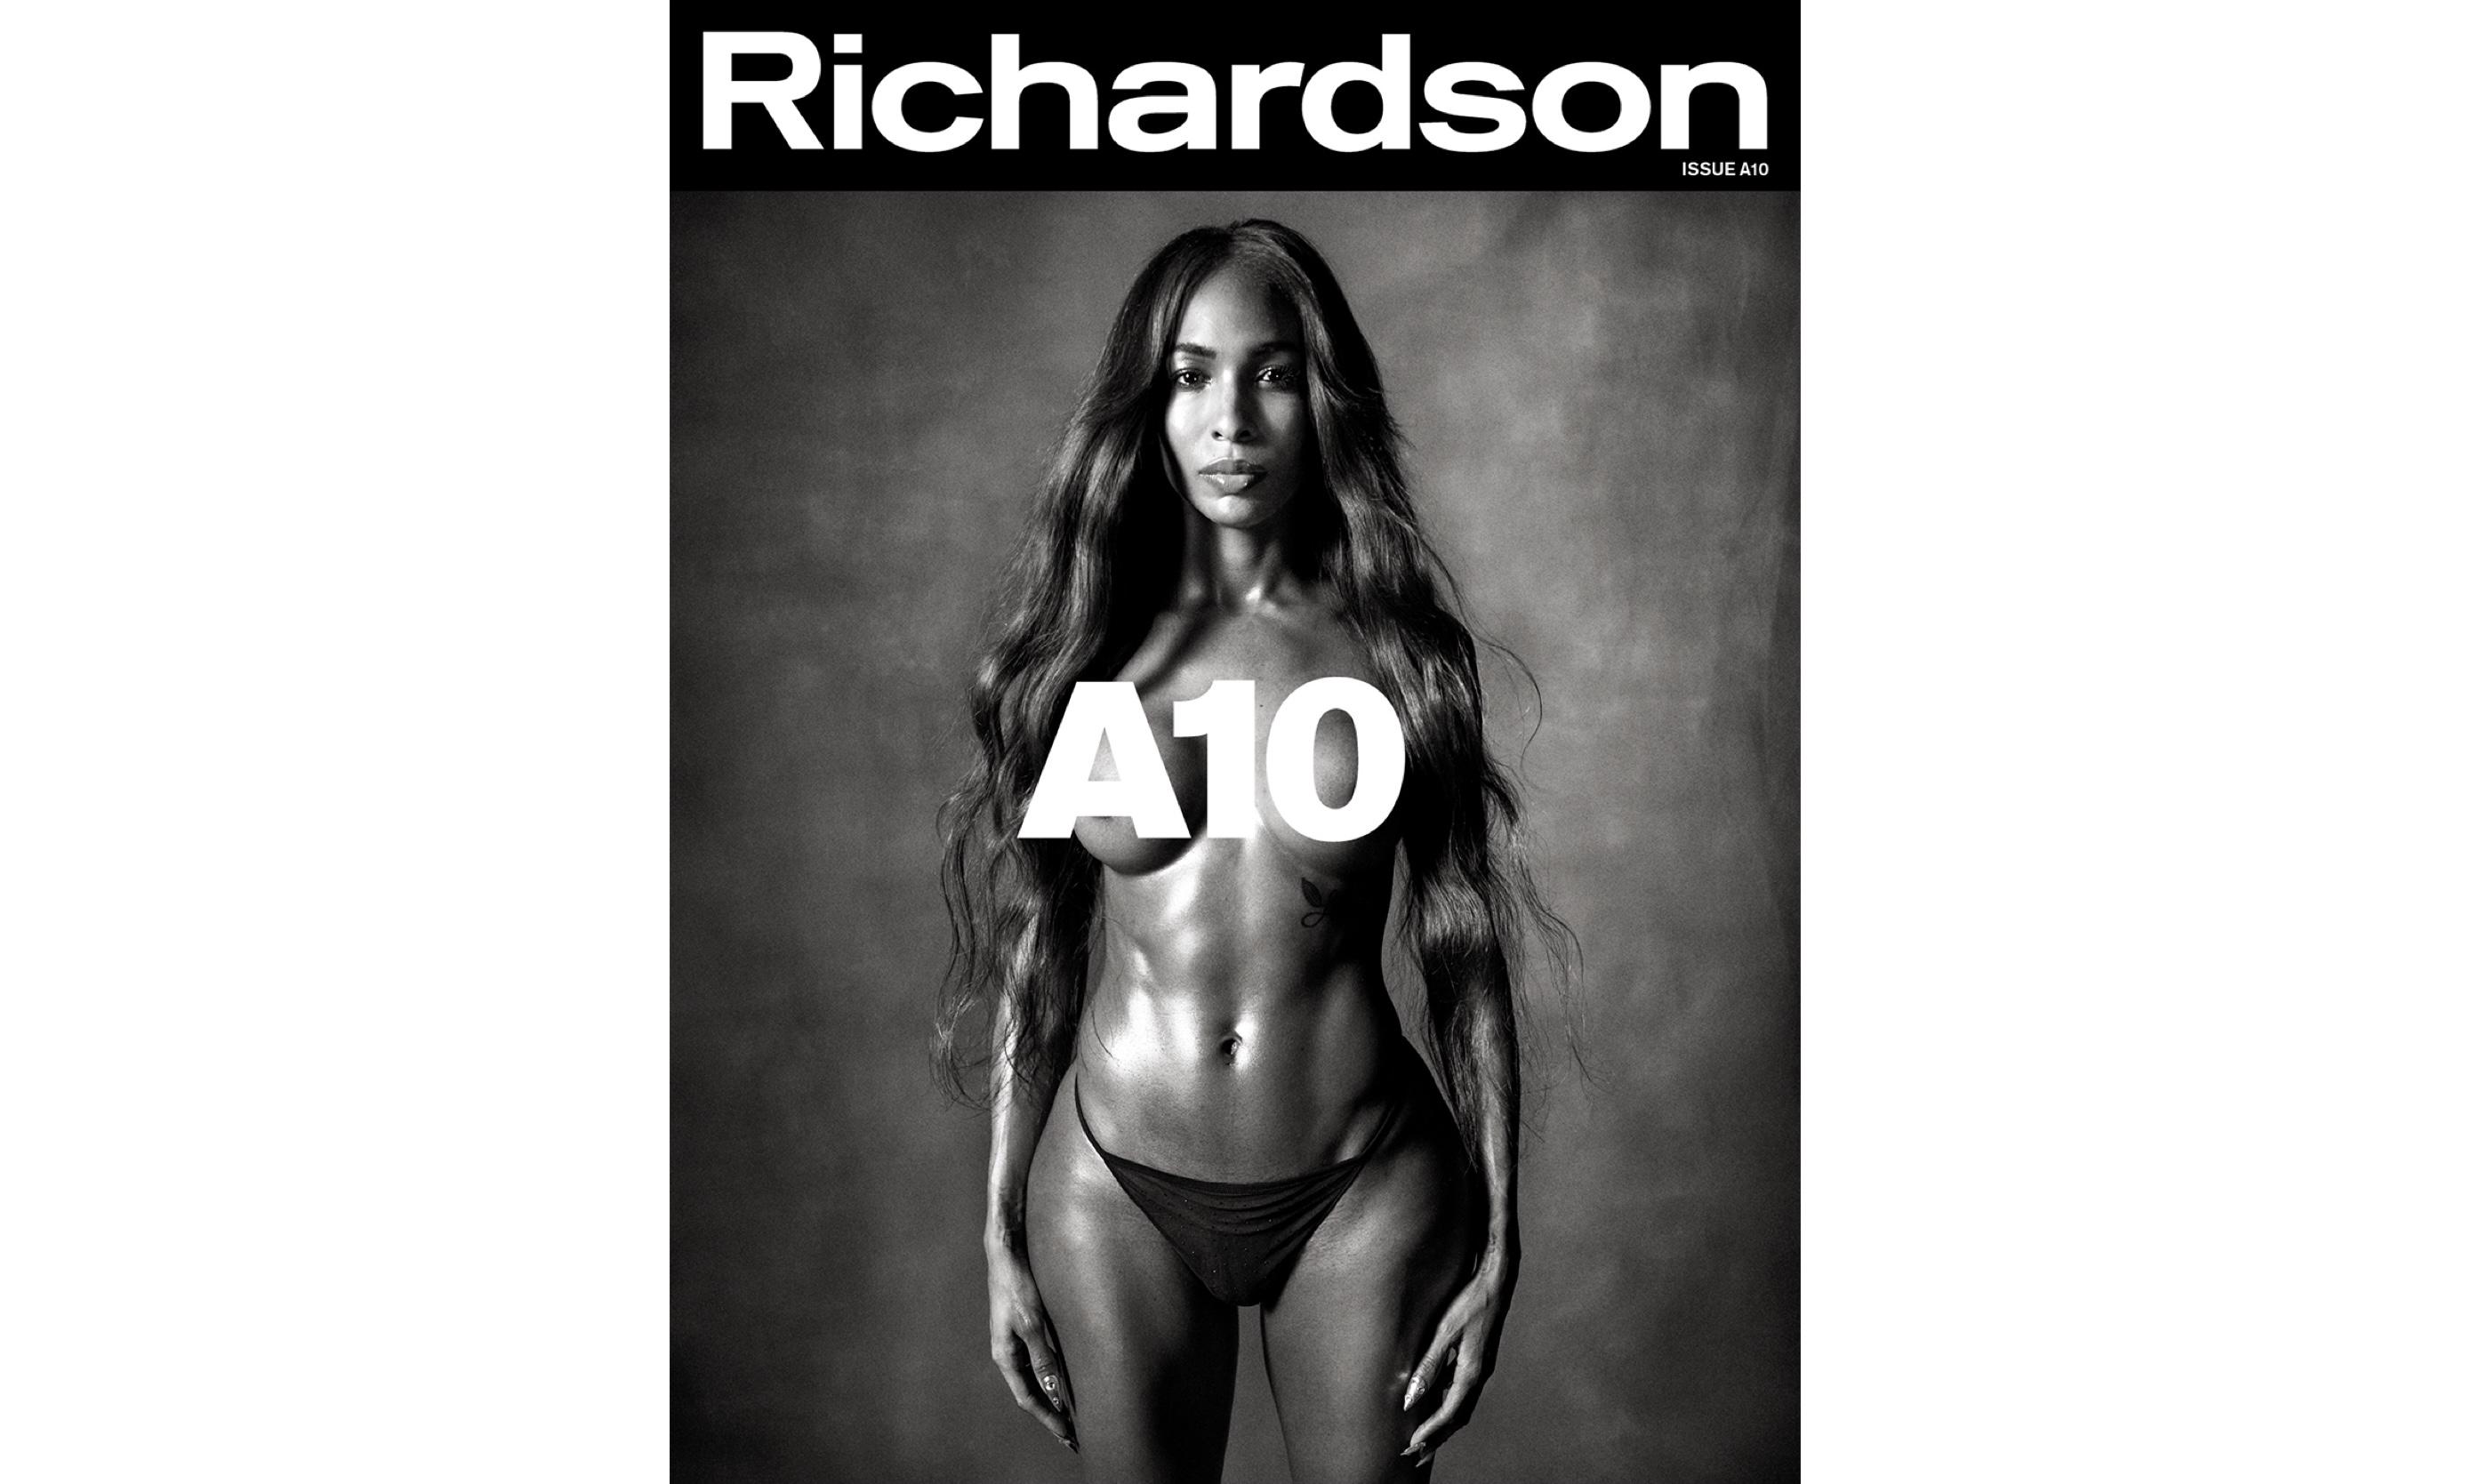 待望のRichardson Magazine10号目発売 記念コレクションも